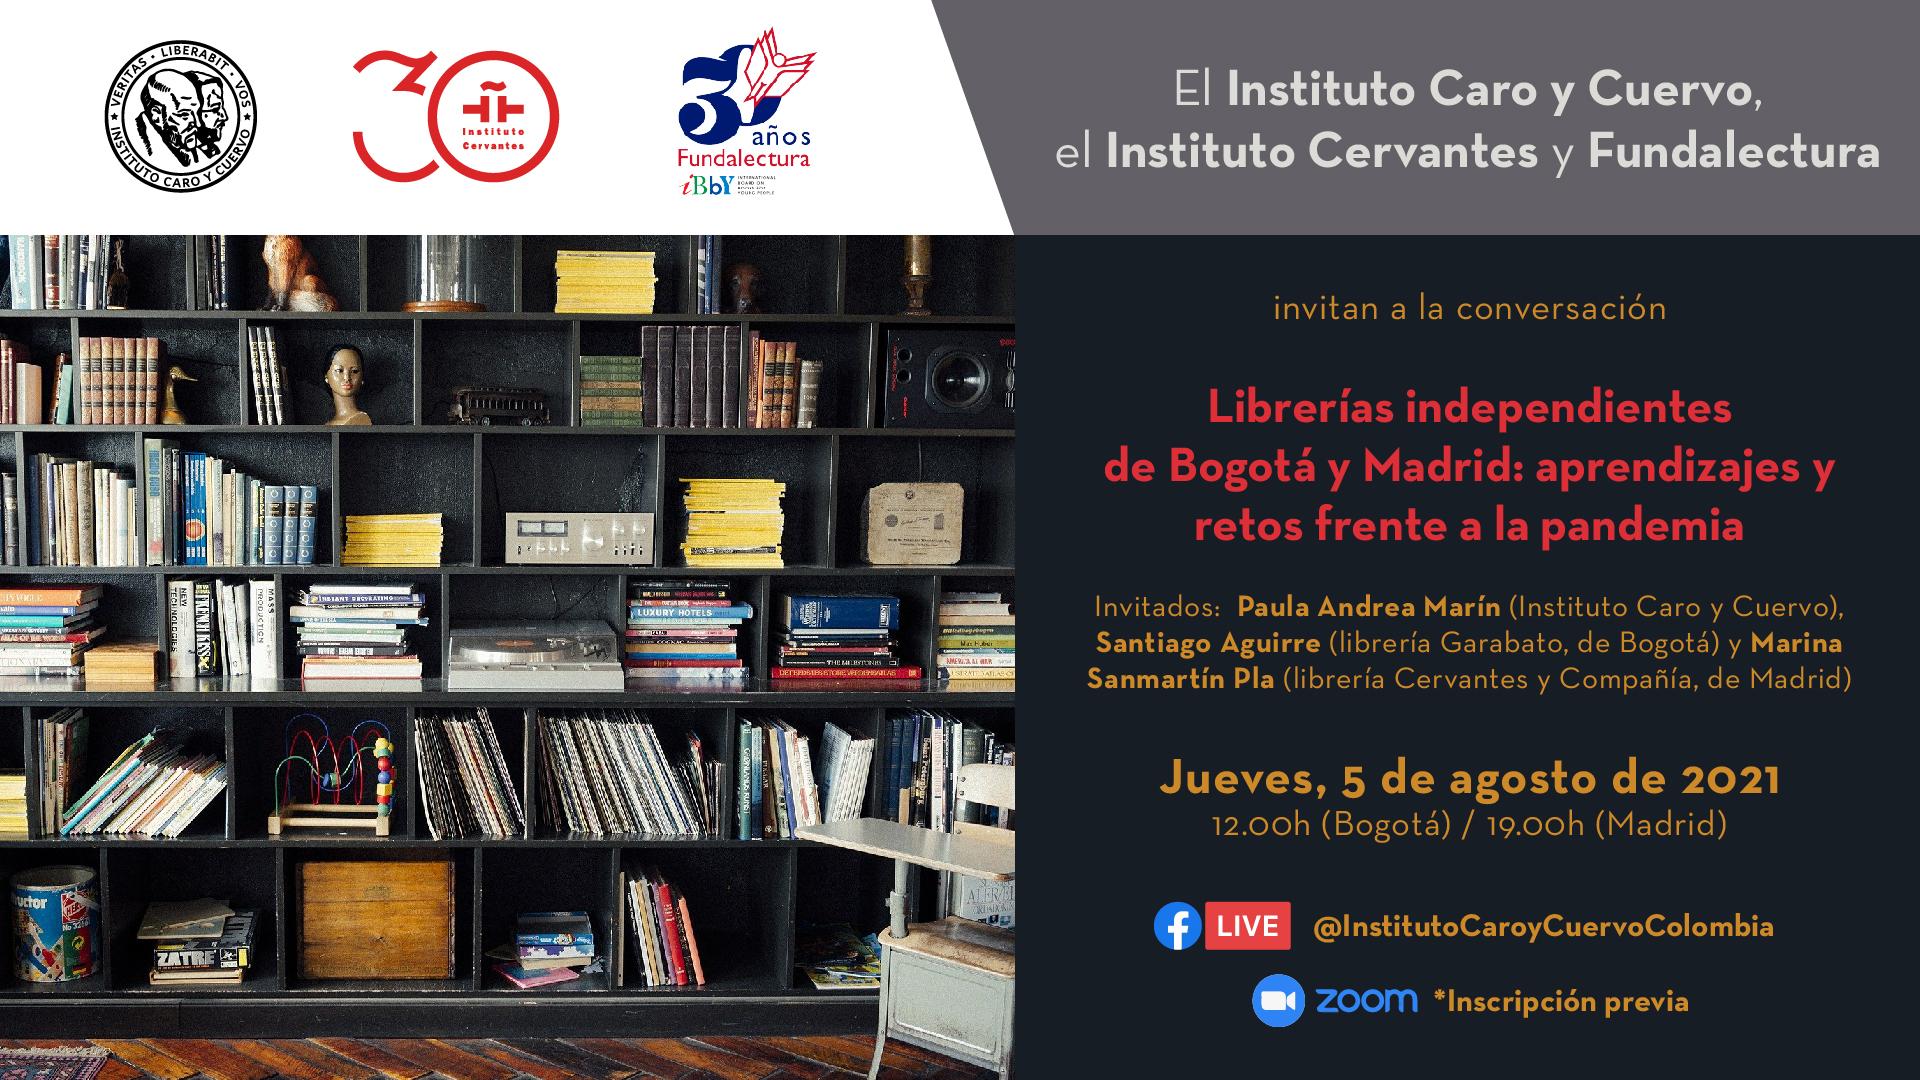 Cervantes y Compañía participa en un debate organizado por el Instituto Caro y Cuervo sobre librerías independientes